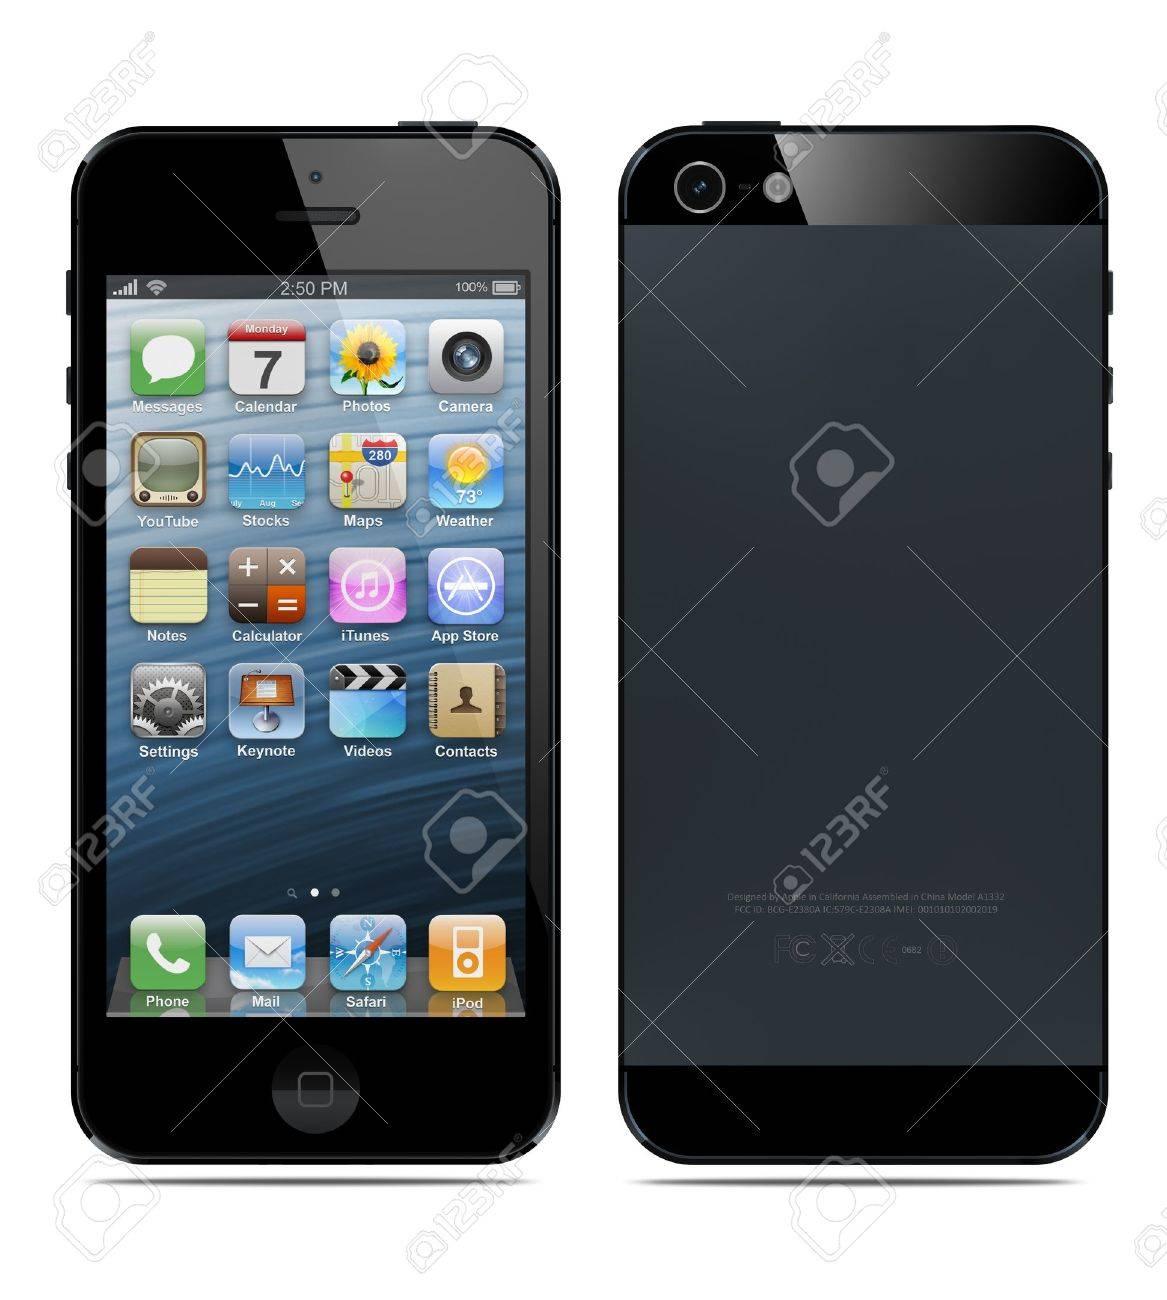 71c7f6e8038 Archivio Fotografico - Galati, Romania-12 Set 2012: Nuovo Apple iPhone 5 è  stato rilasciato per la vendita da parte di Apple Inc. il 12 settembre 2012.